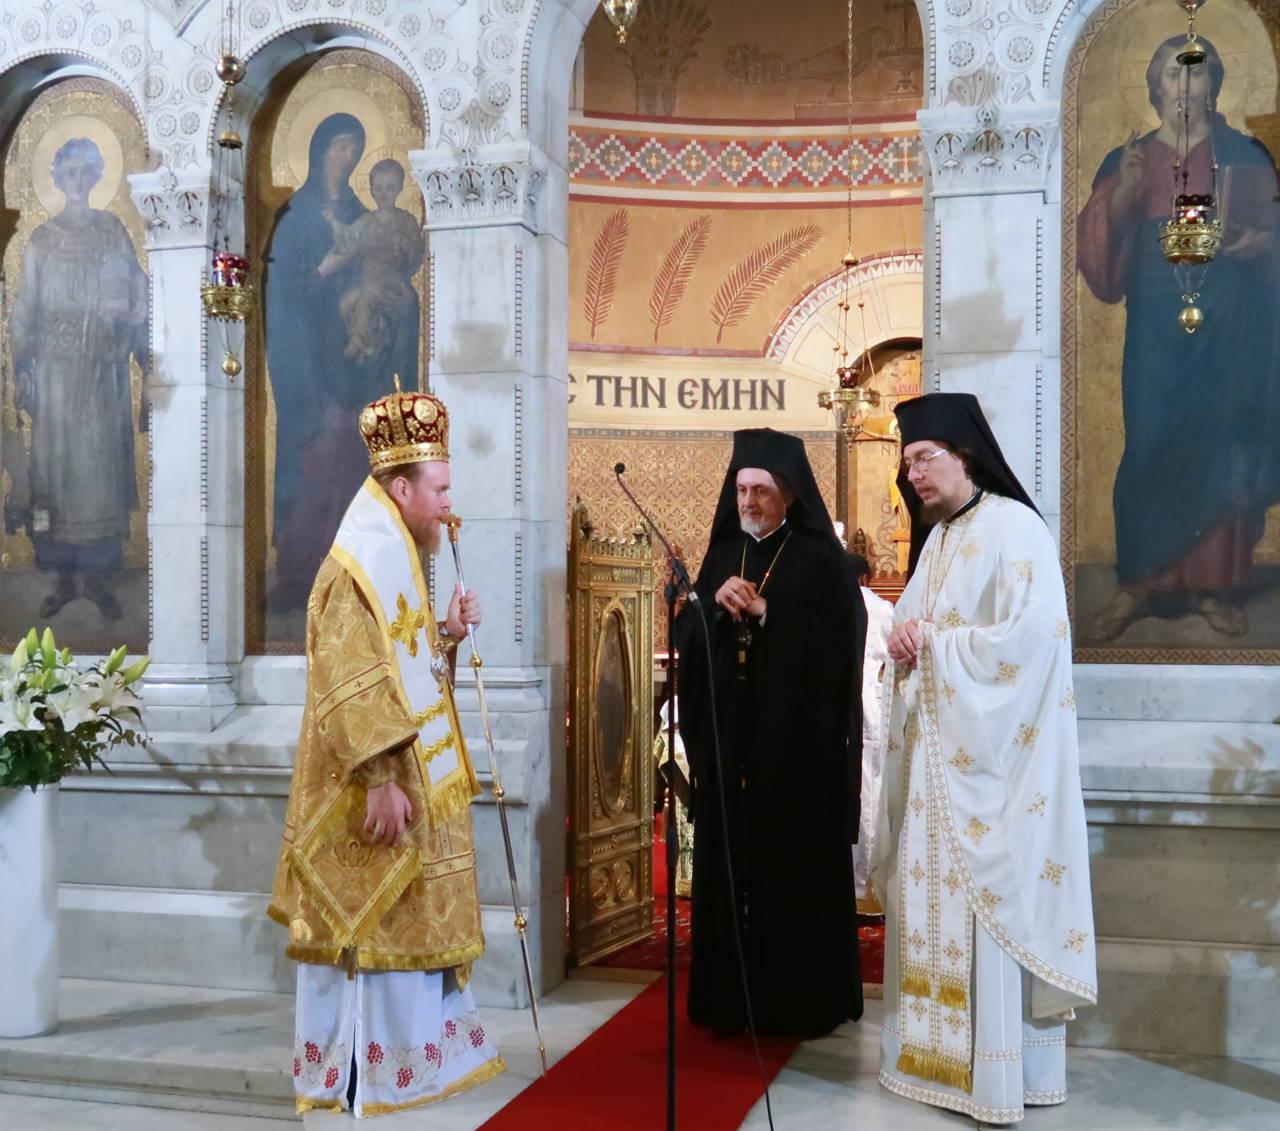 IMG 3342 - Ο Αρχιεπίσκοπος Τσερνιχίβ κ. Ευστράτιος στο Παρίσι